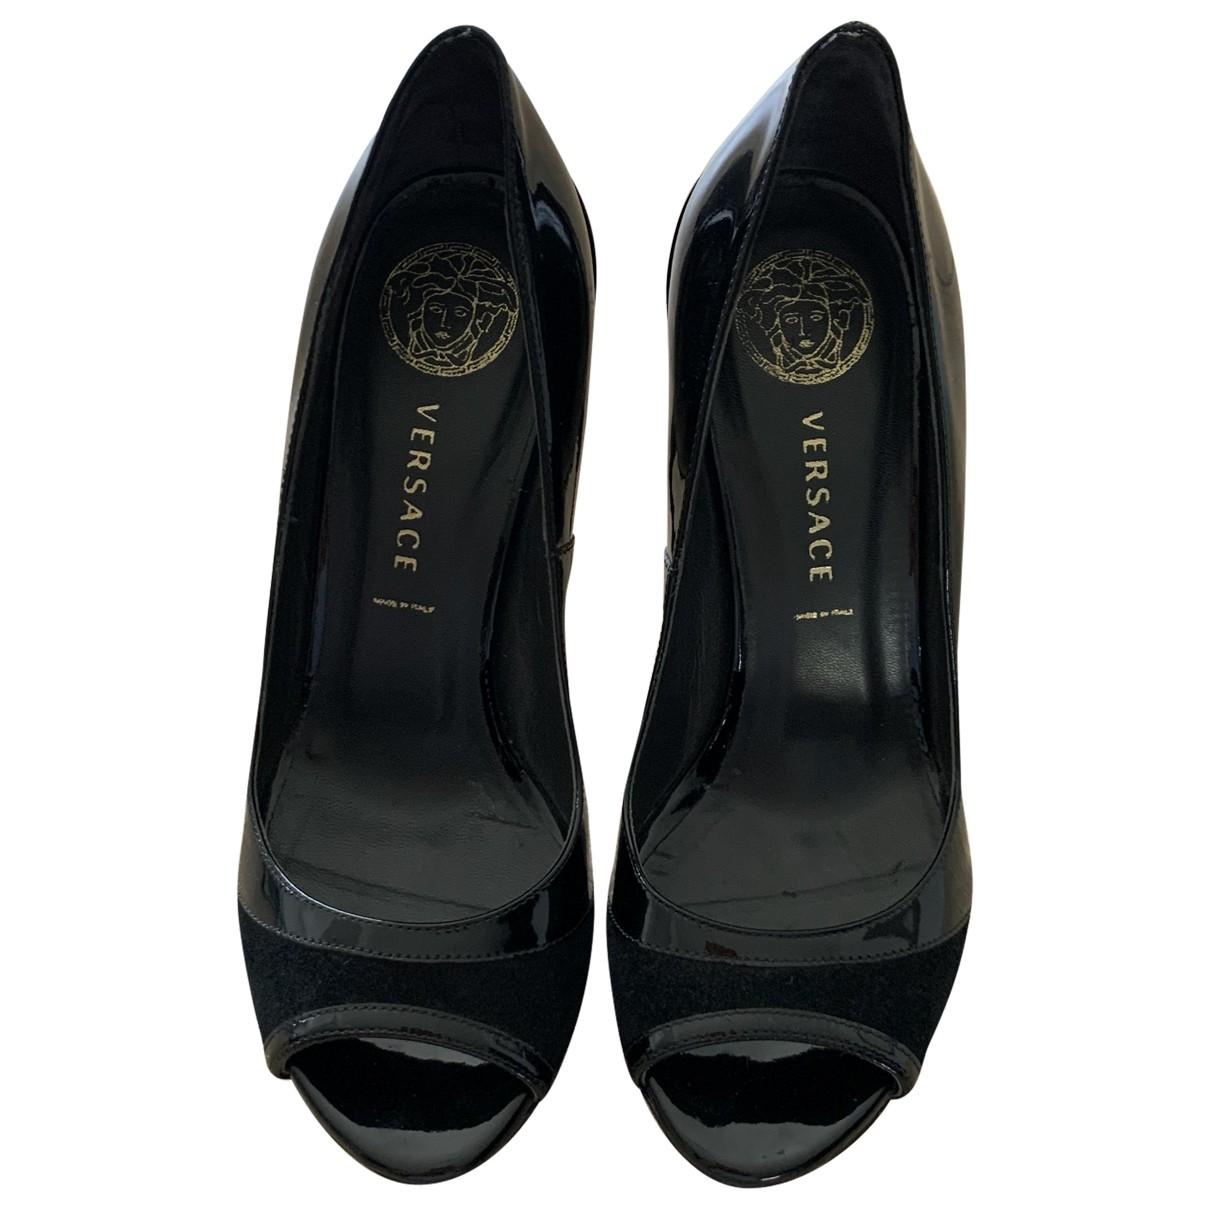 Versace - Escarpins   pour femme en cuir verni - noir